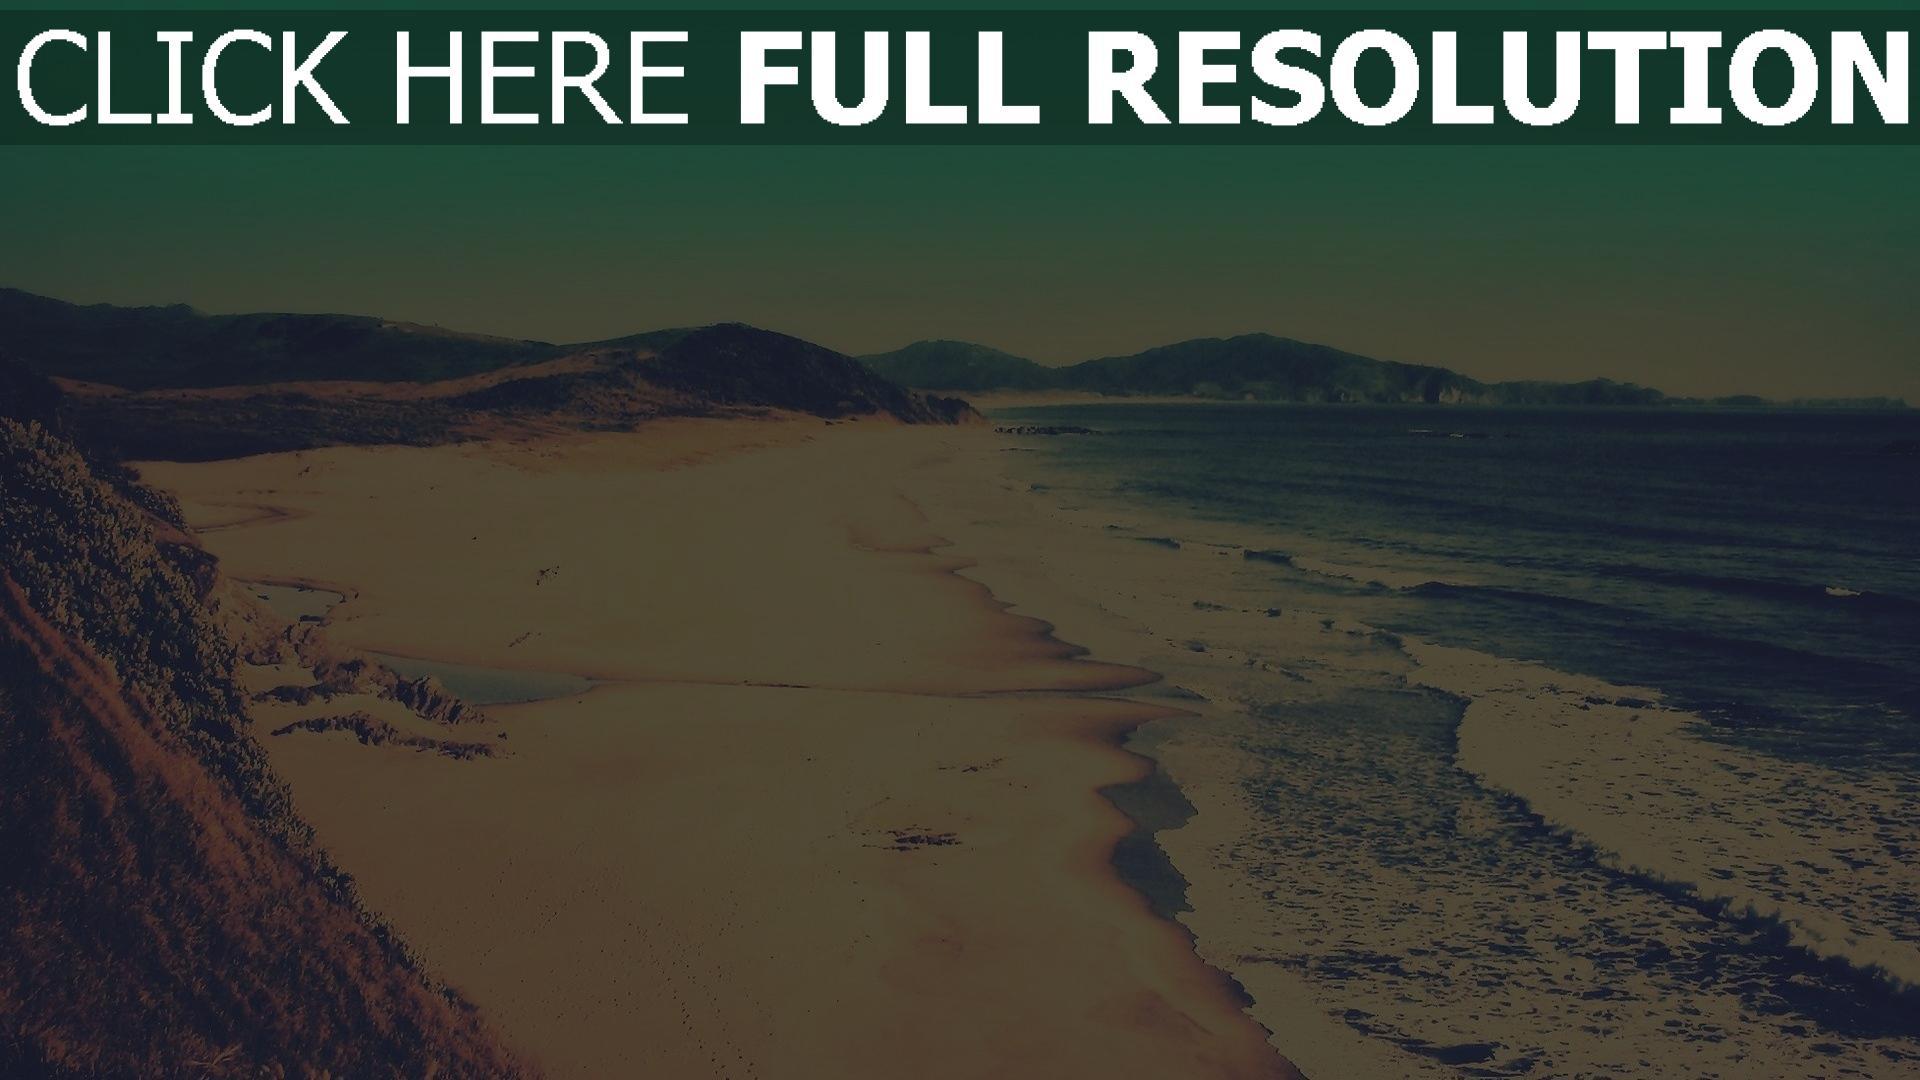 hd hintergrundbilder brandung meer küste sand strand vintage-fotografien 1920x1080